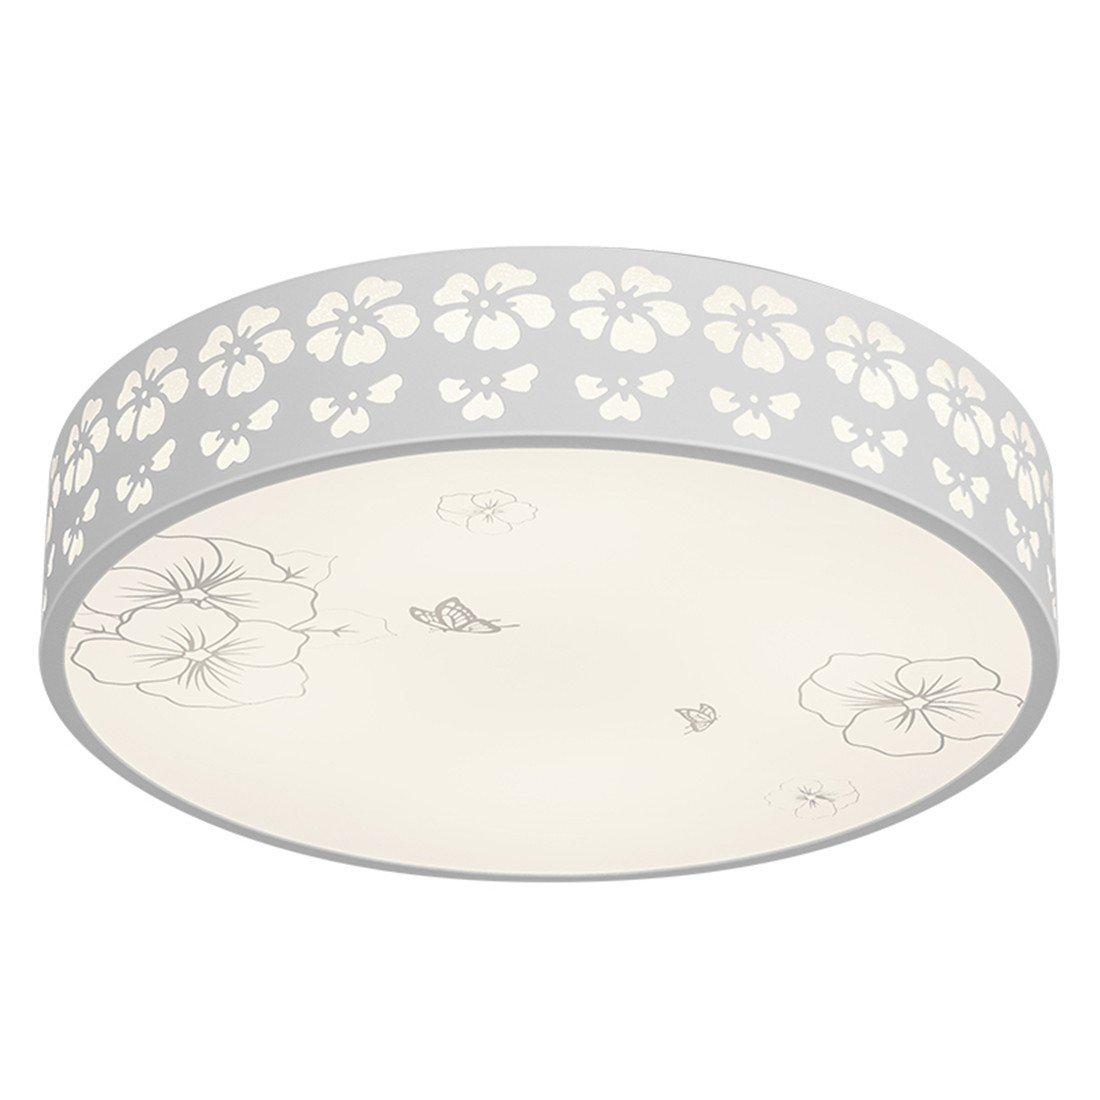 MEIHOME Deckenleuchten LED Rundschreiben Schneeflocken D 40 CM 3 Farbe 24W Deckenlampe für Schlafzimmer Wohnzimmer Küche Badezimmer